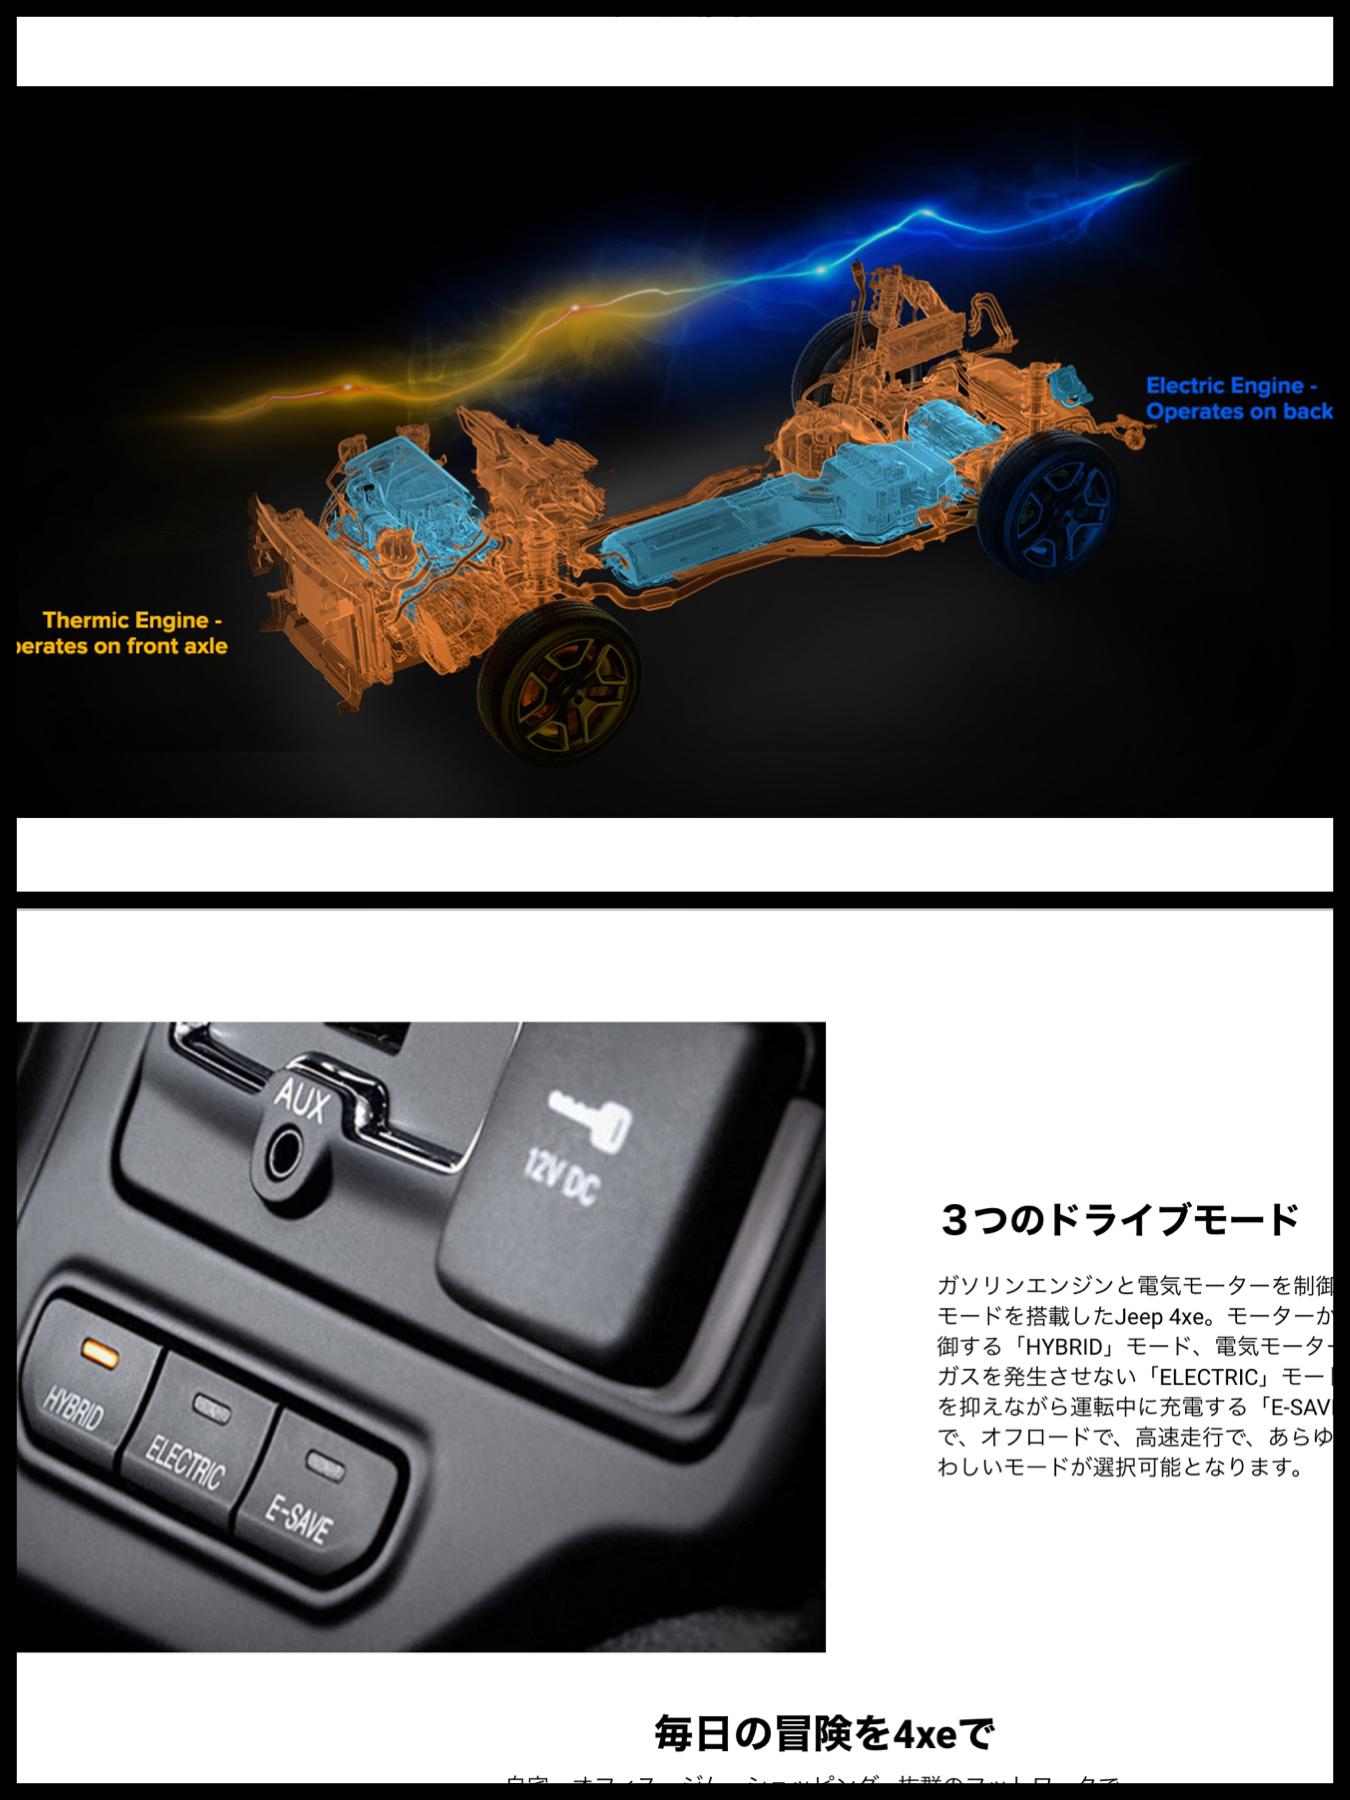 ジープ レネゲード 4xe 「Jeep Renegate 4xe」 PHEV